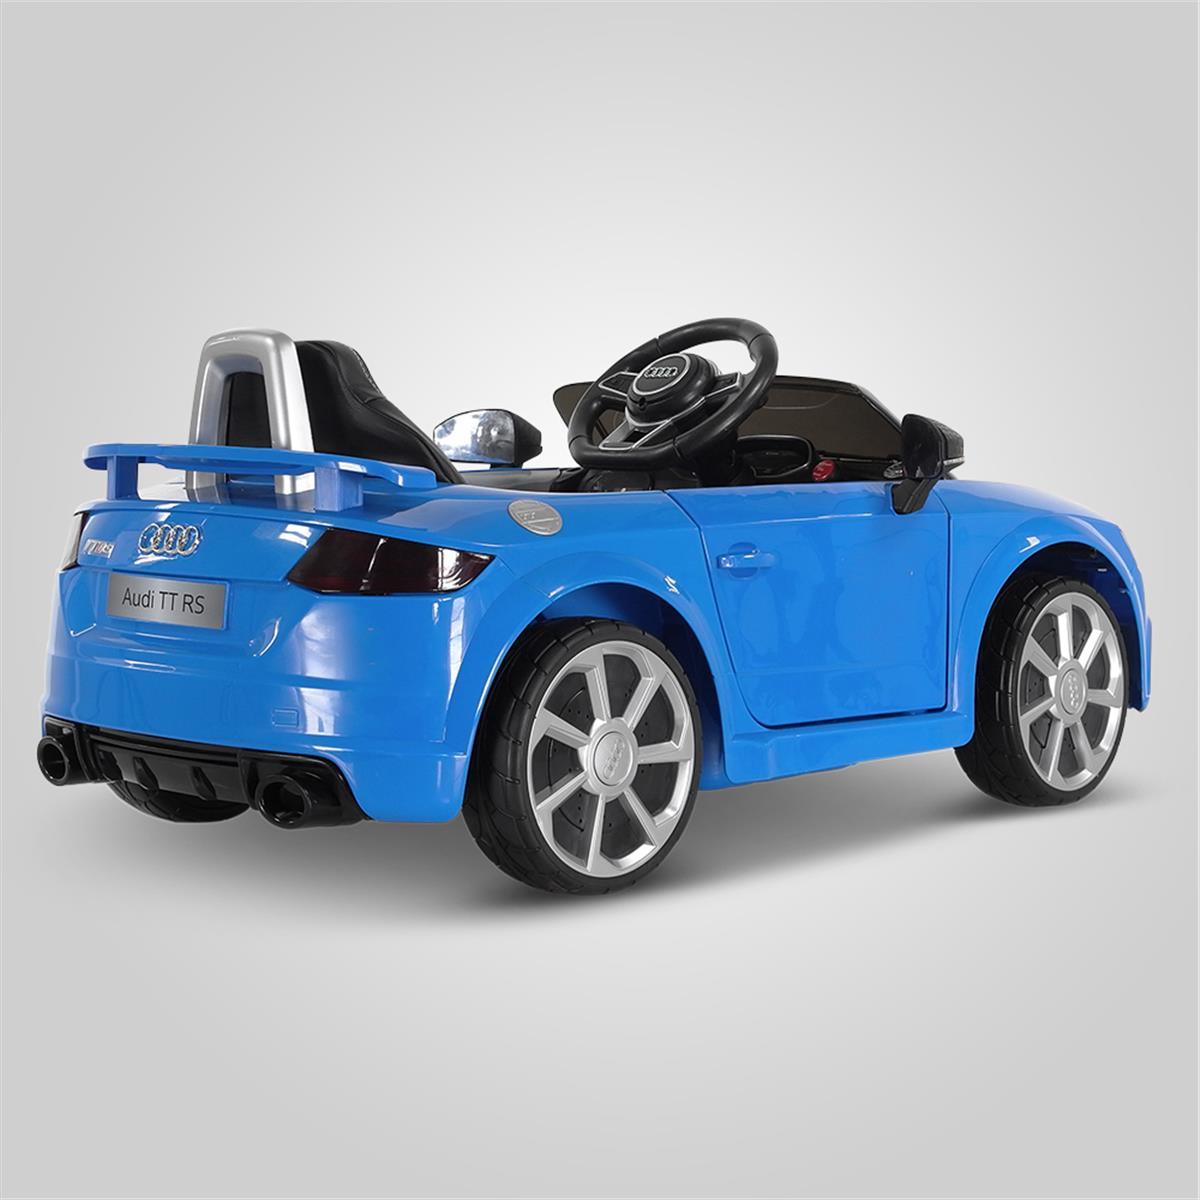 Voiture lectrique pour bebe 12v 2 places Audi TT RS 50w   Smallmx ... bf77aa4312f6